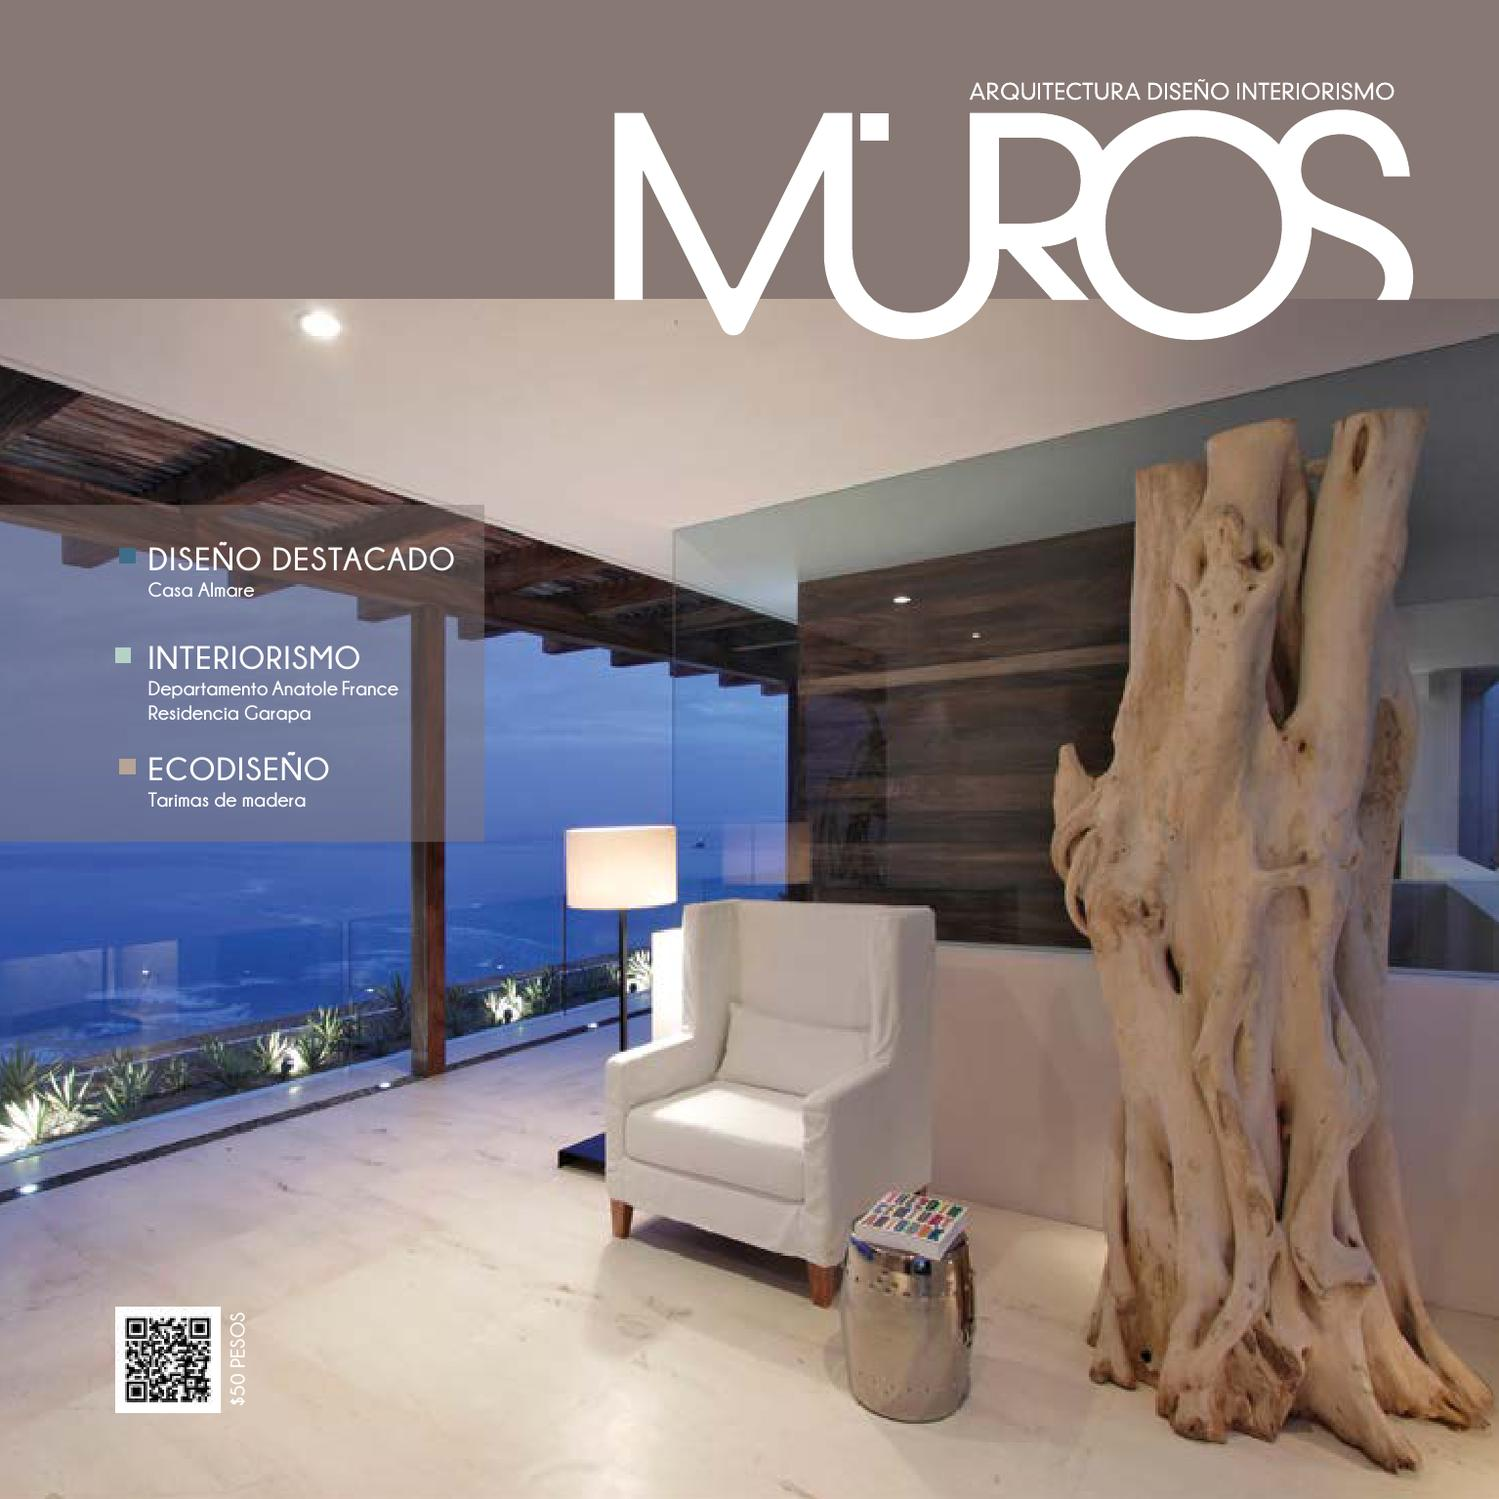 Edici n 3 revista muros arquitectura dise o interiorismo for Diseno de oficinas inmobiliarias